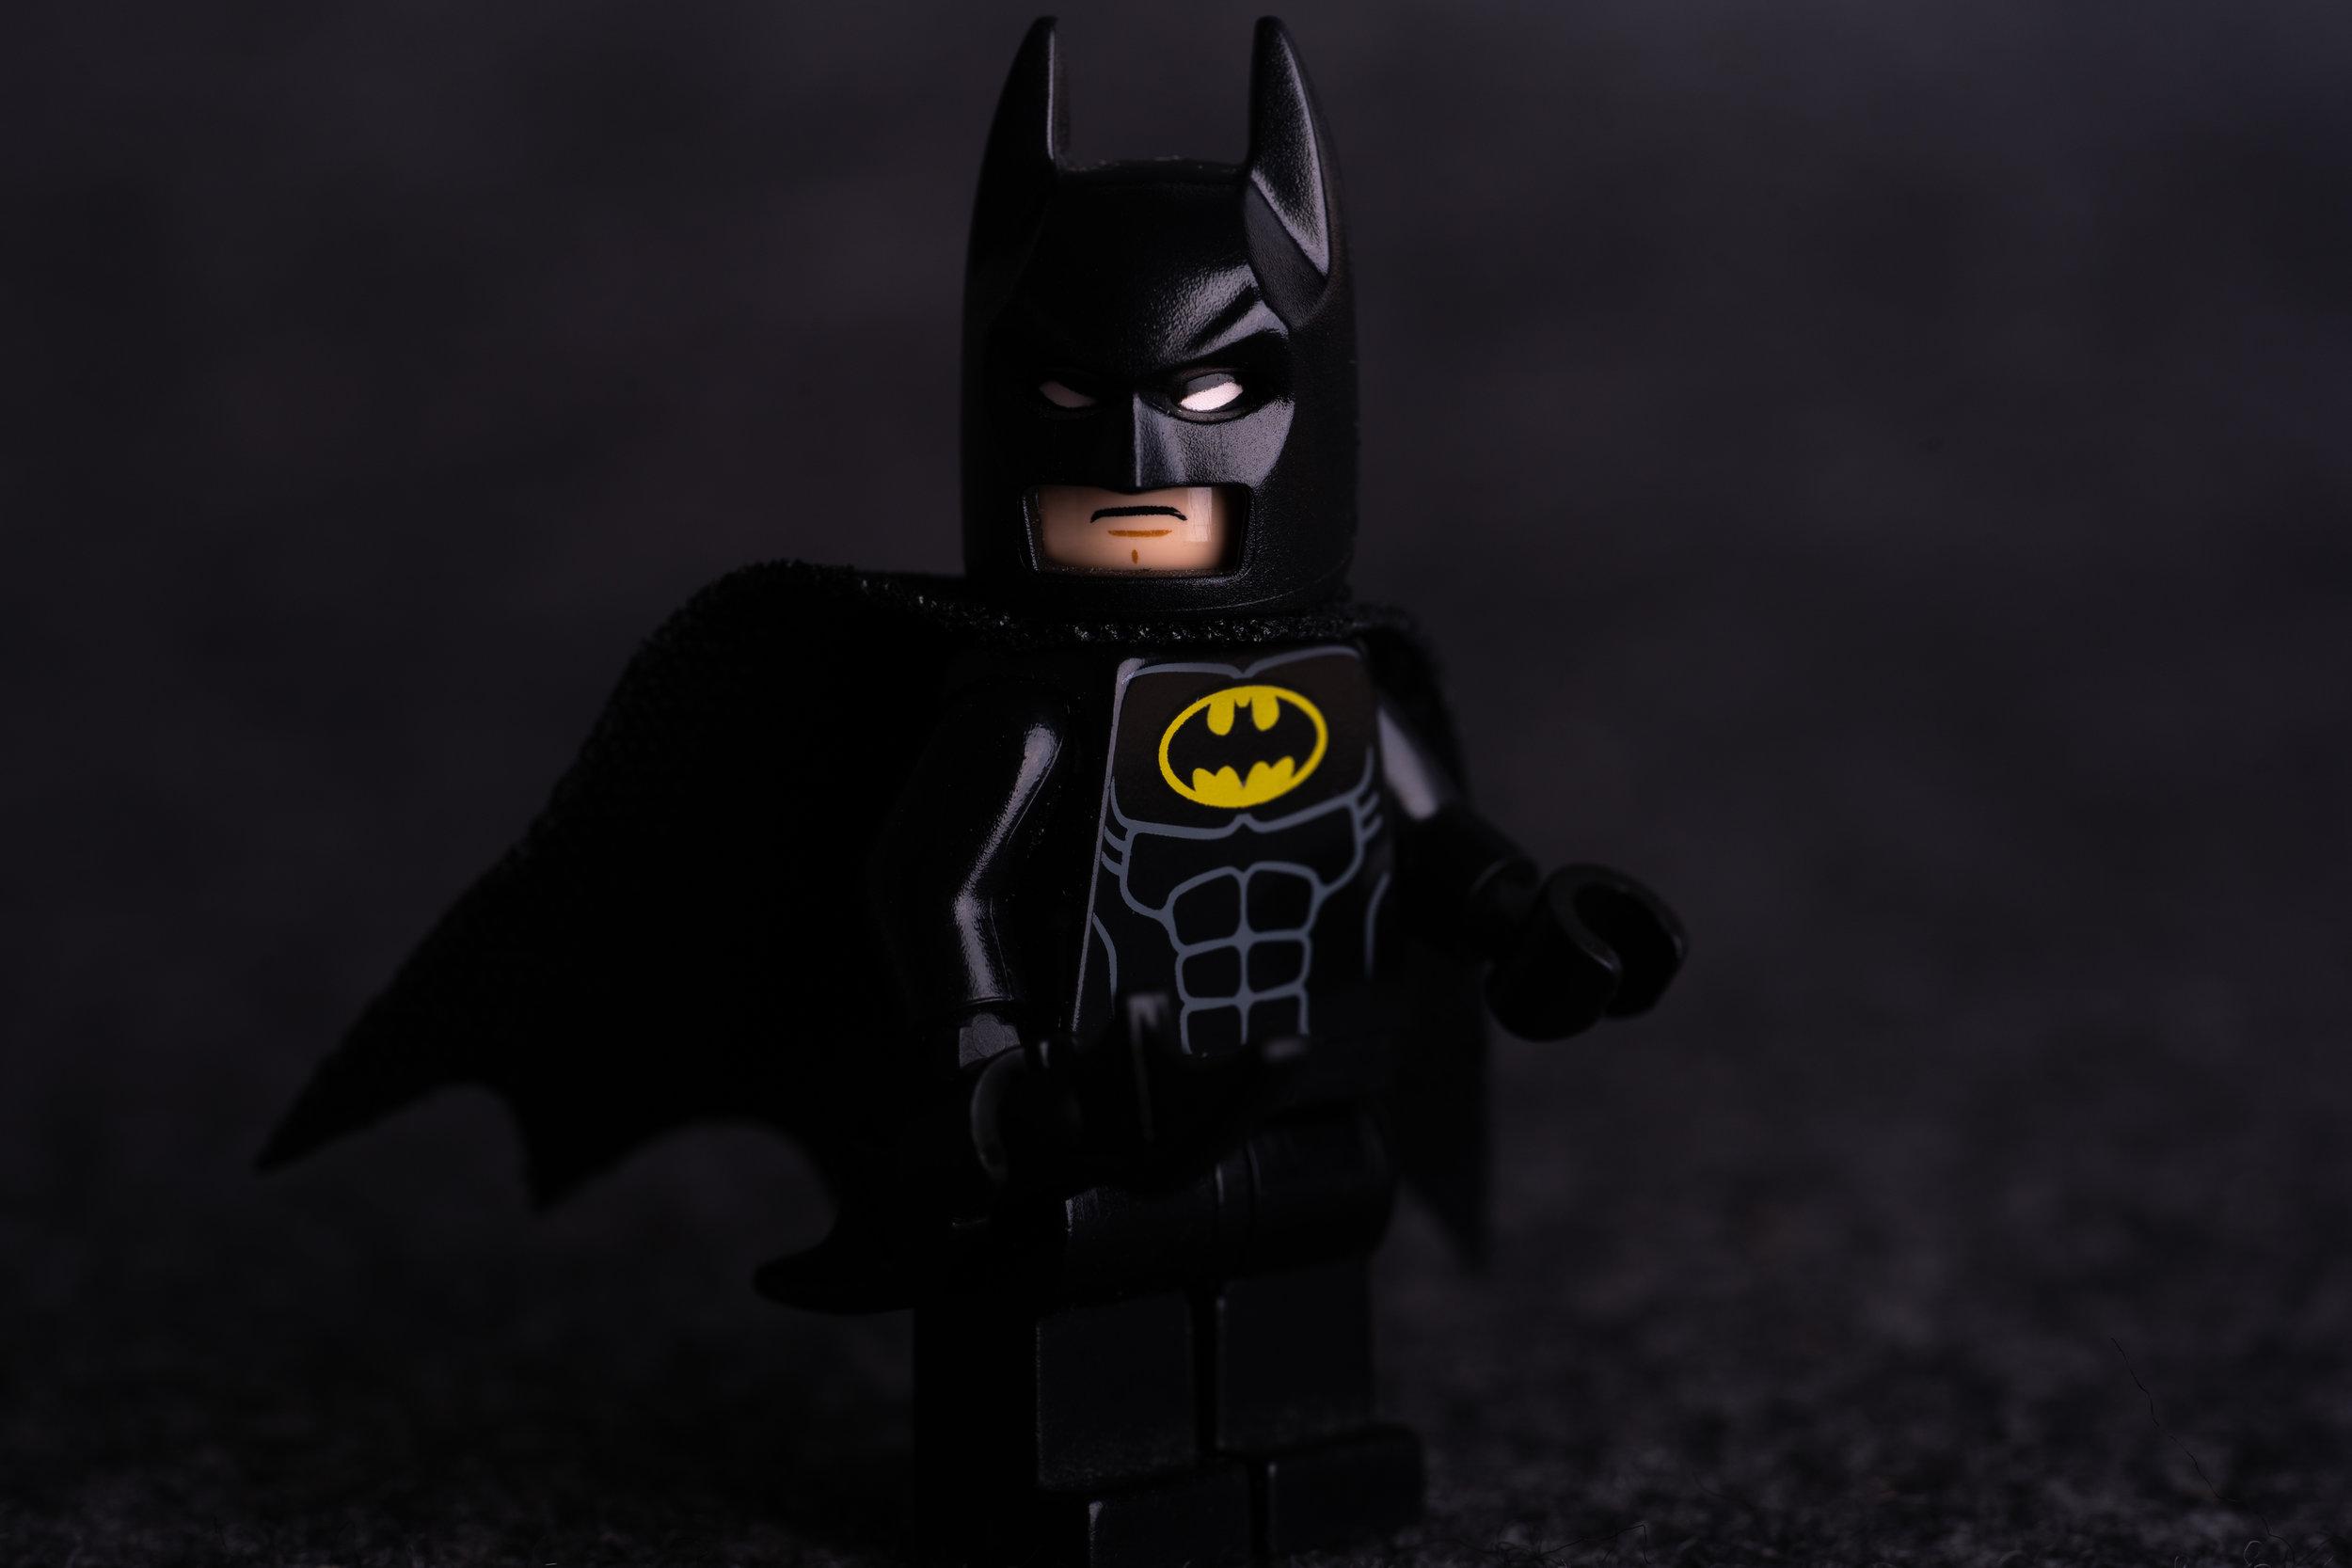 Naheinstellgrenze bei 31 cm, bei 65mm bekommt man ein Legomännchen komplett abgebildet. Näher geht nicht.